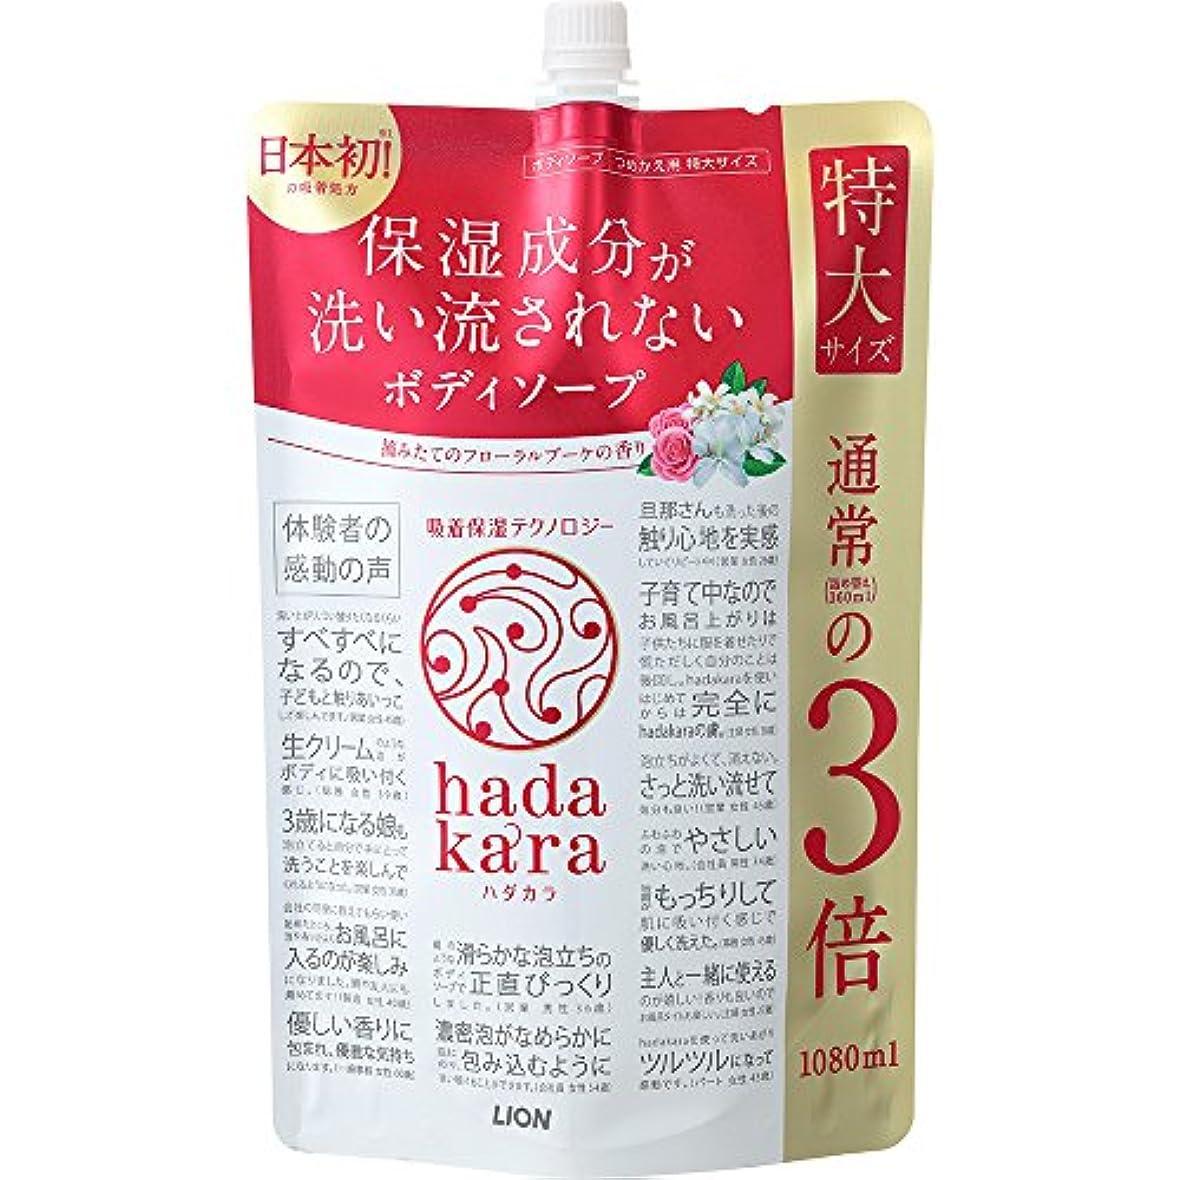 溶岩中でハング【大容量】hadakara(ハダカラ) ボディソープ フローラルブーケの香り 詰め替え 特大 1080ml